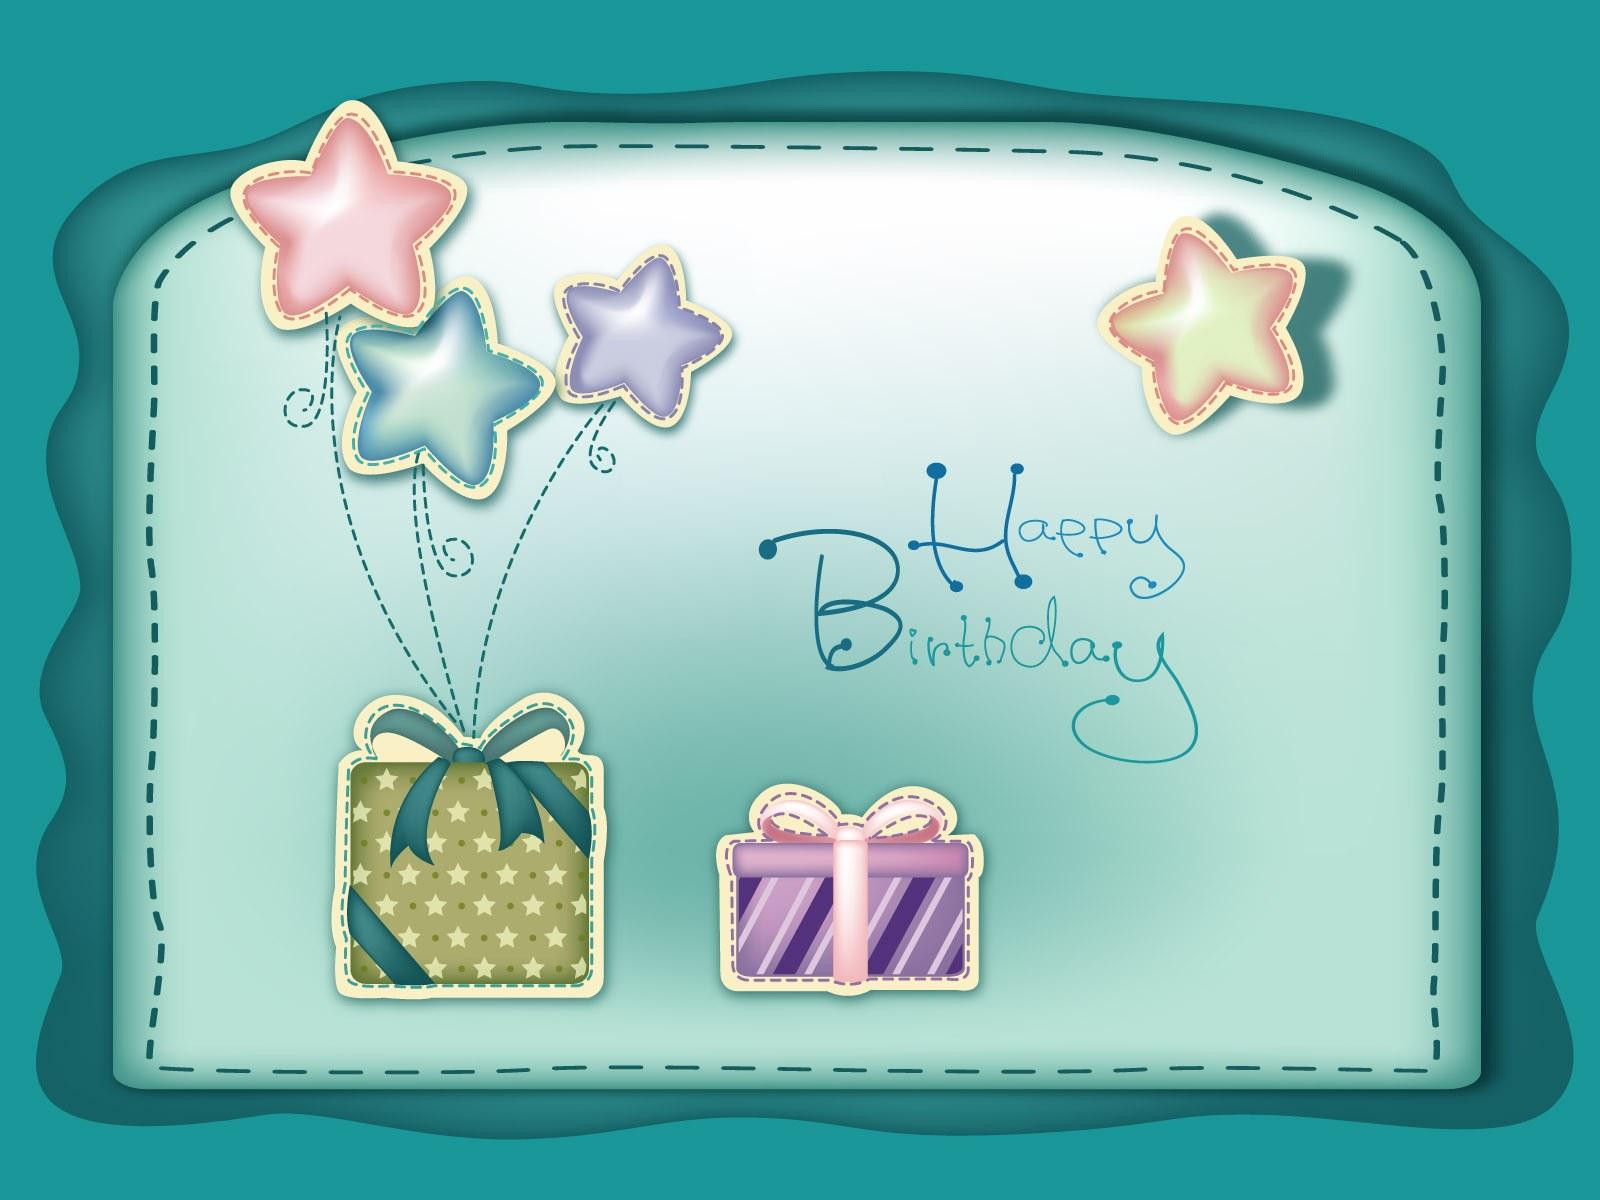 http://3.bp.blogspot.com/-RPWcaZzzjl8/T3TeA8UatCI/AAAAAAAABEQ/ZR2YNSjQkM4/s1600/Happy_Birthday.jpg